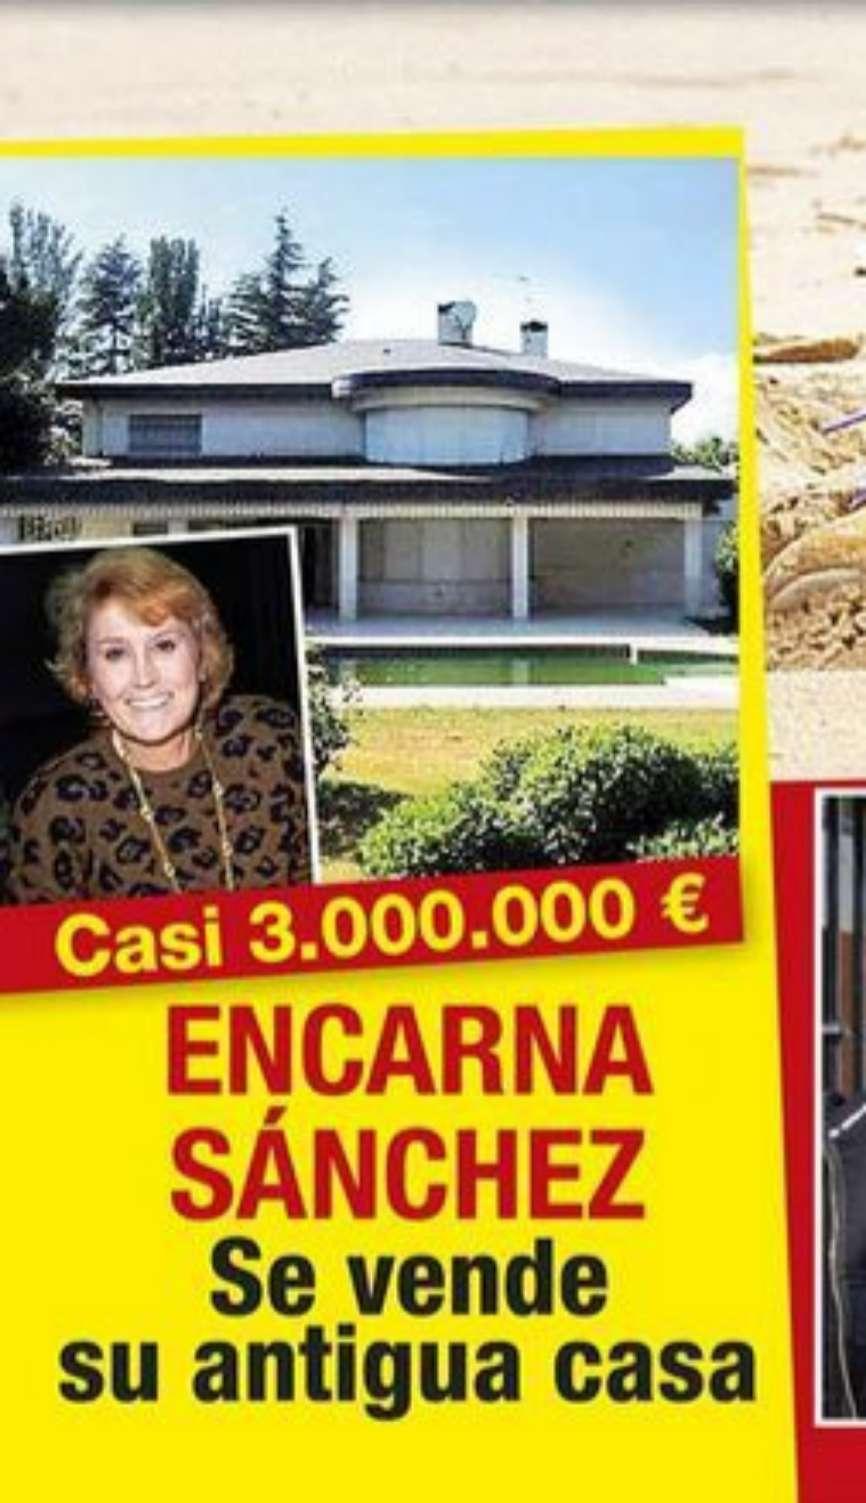 Cerca de tres millones de euros es el precio al que ha salido a la...